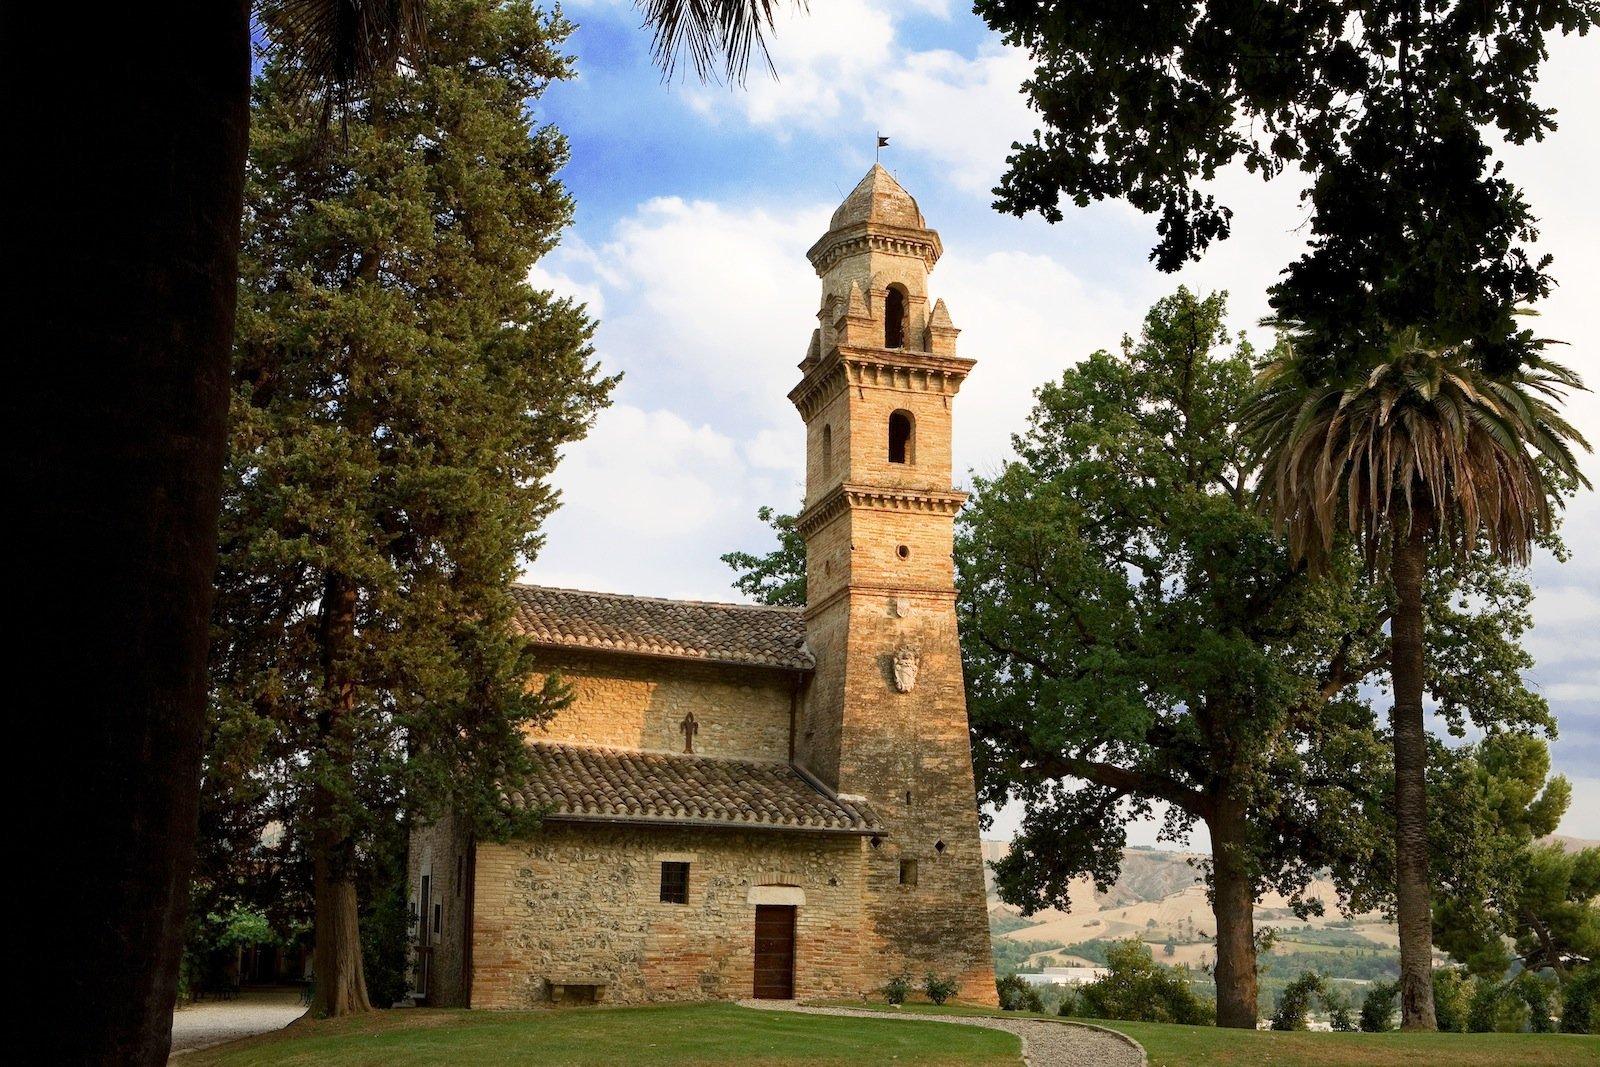 Chiesa di Santa Maria del Lago – Borgo di Seghetti Panichi – Ascoli Piceno